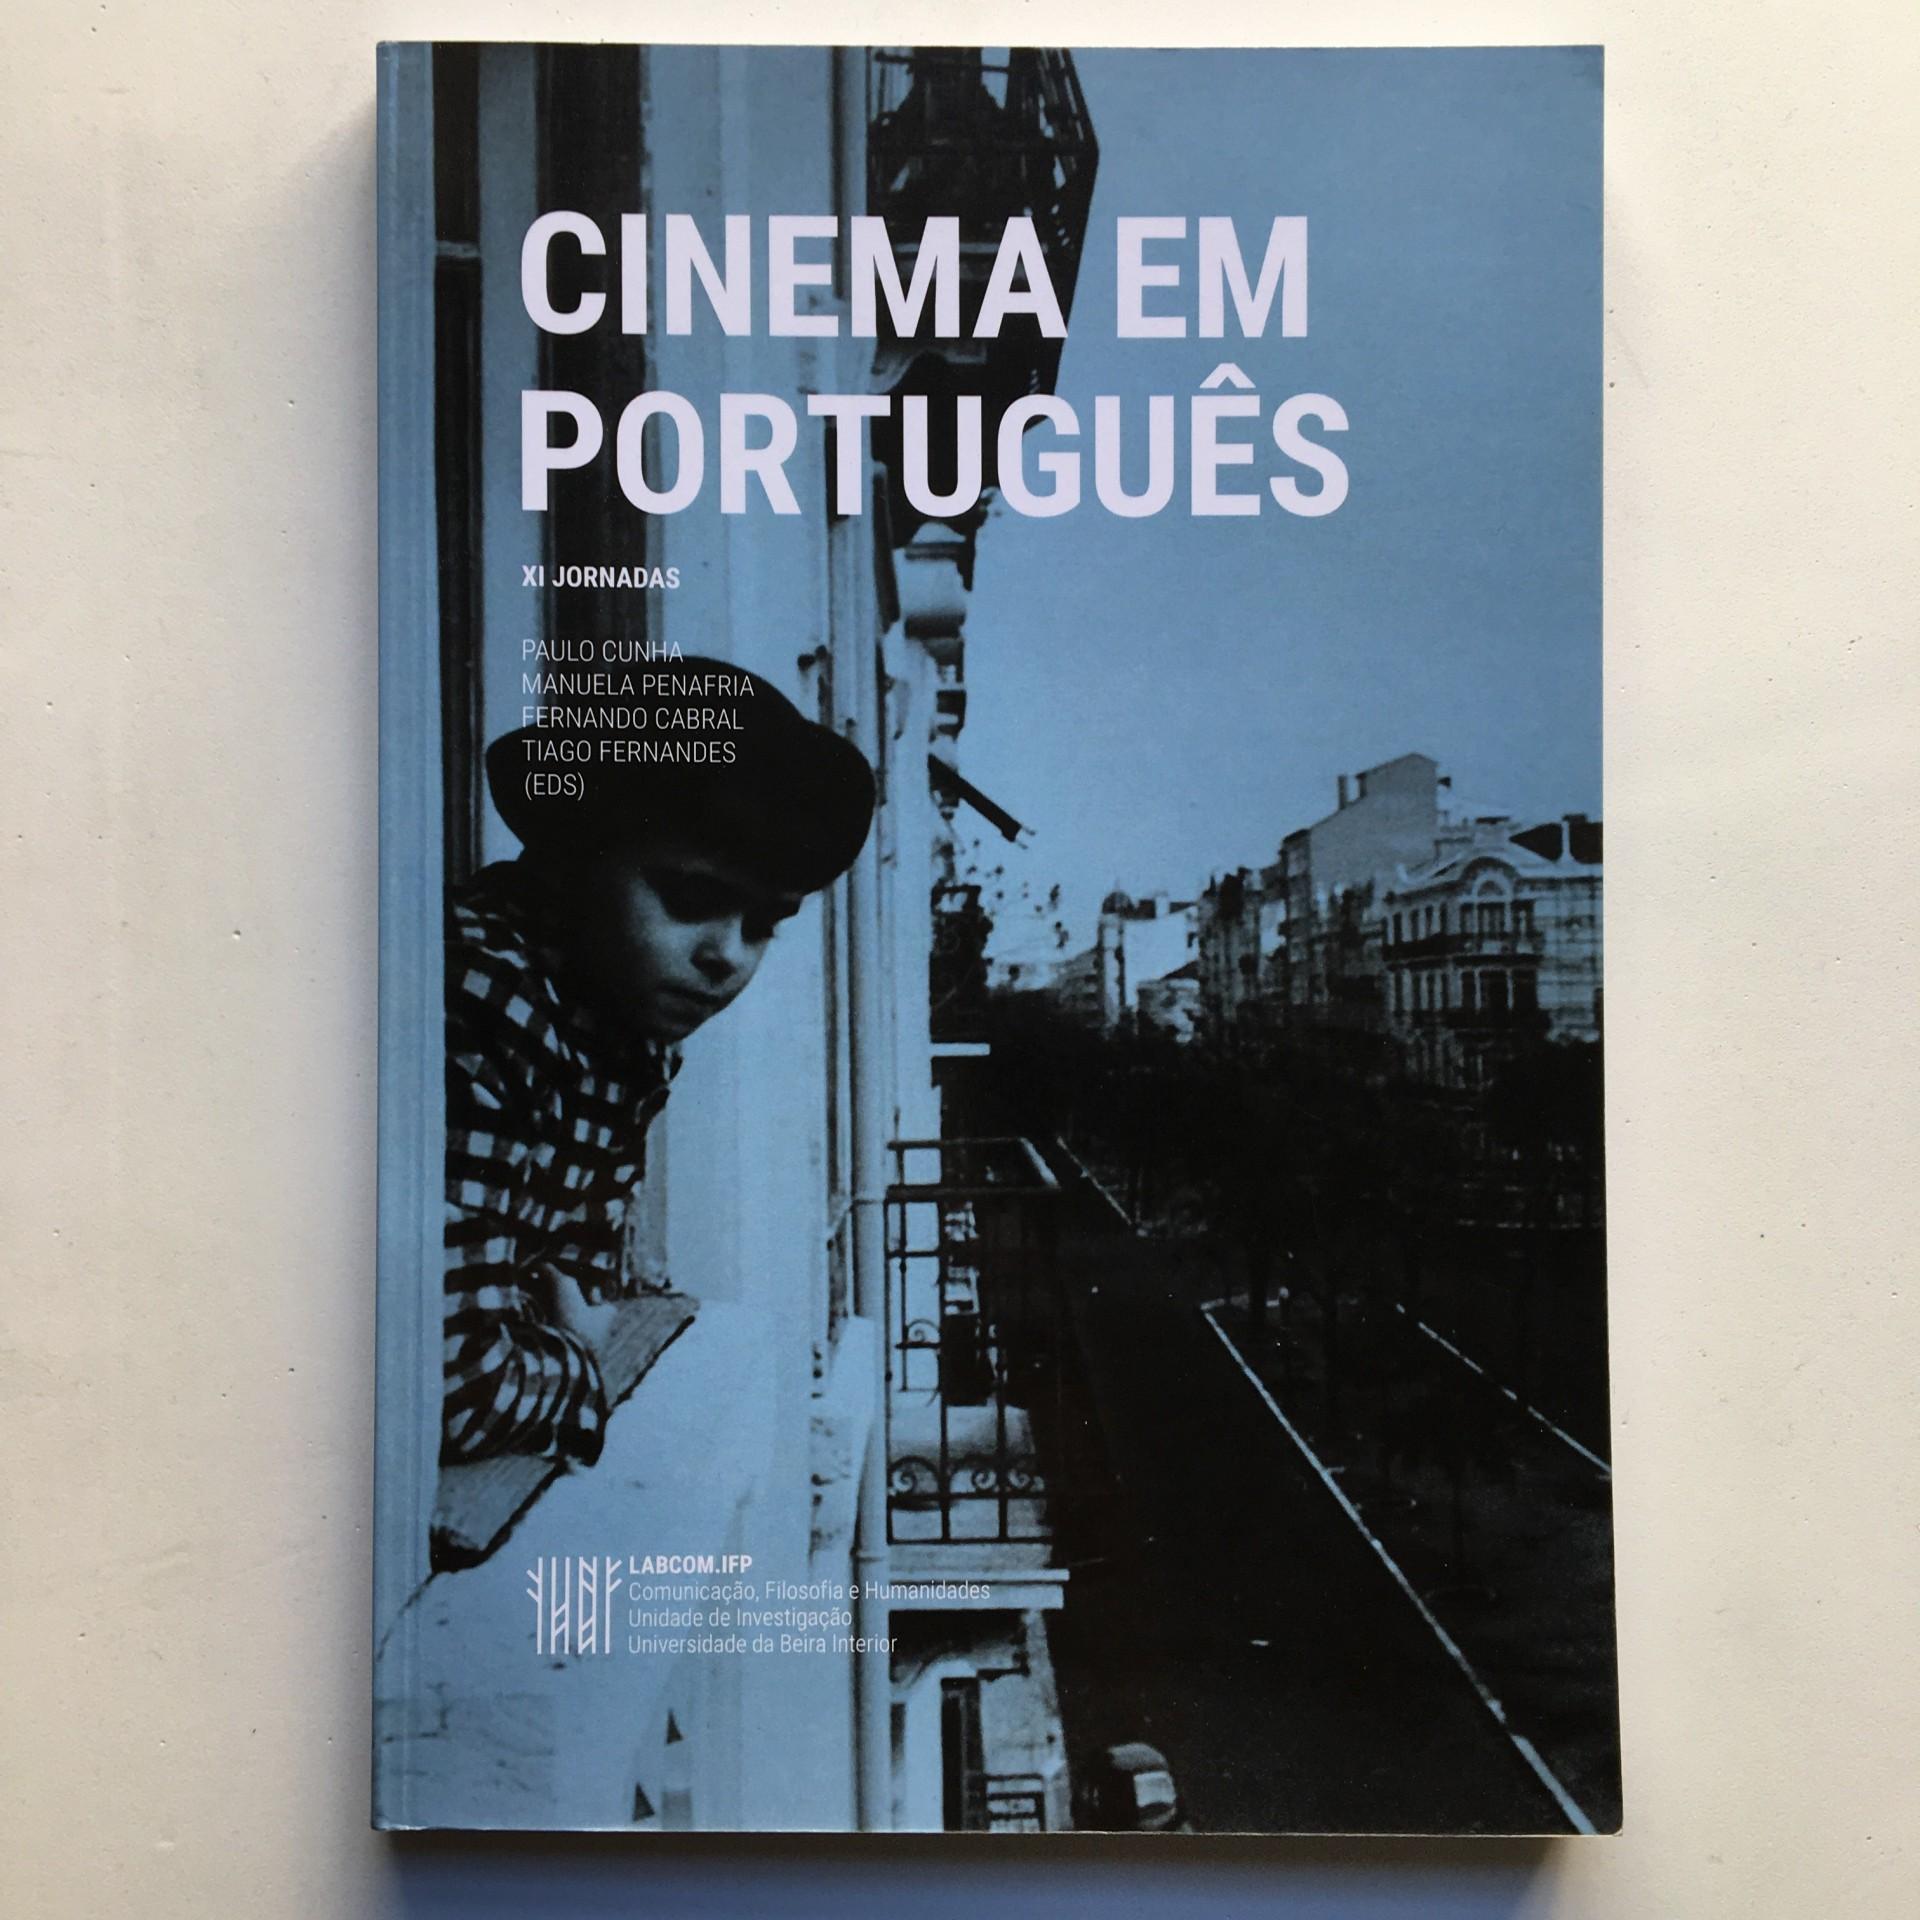 Cinema em Português: XI Jornadas